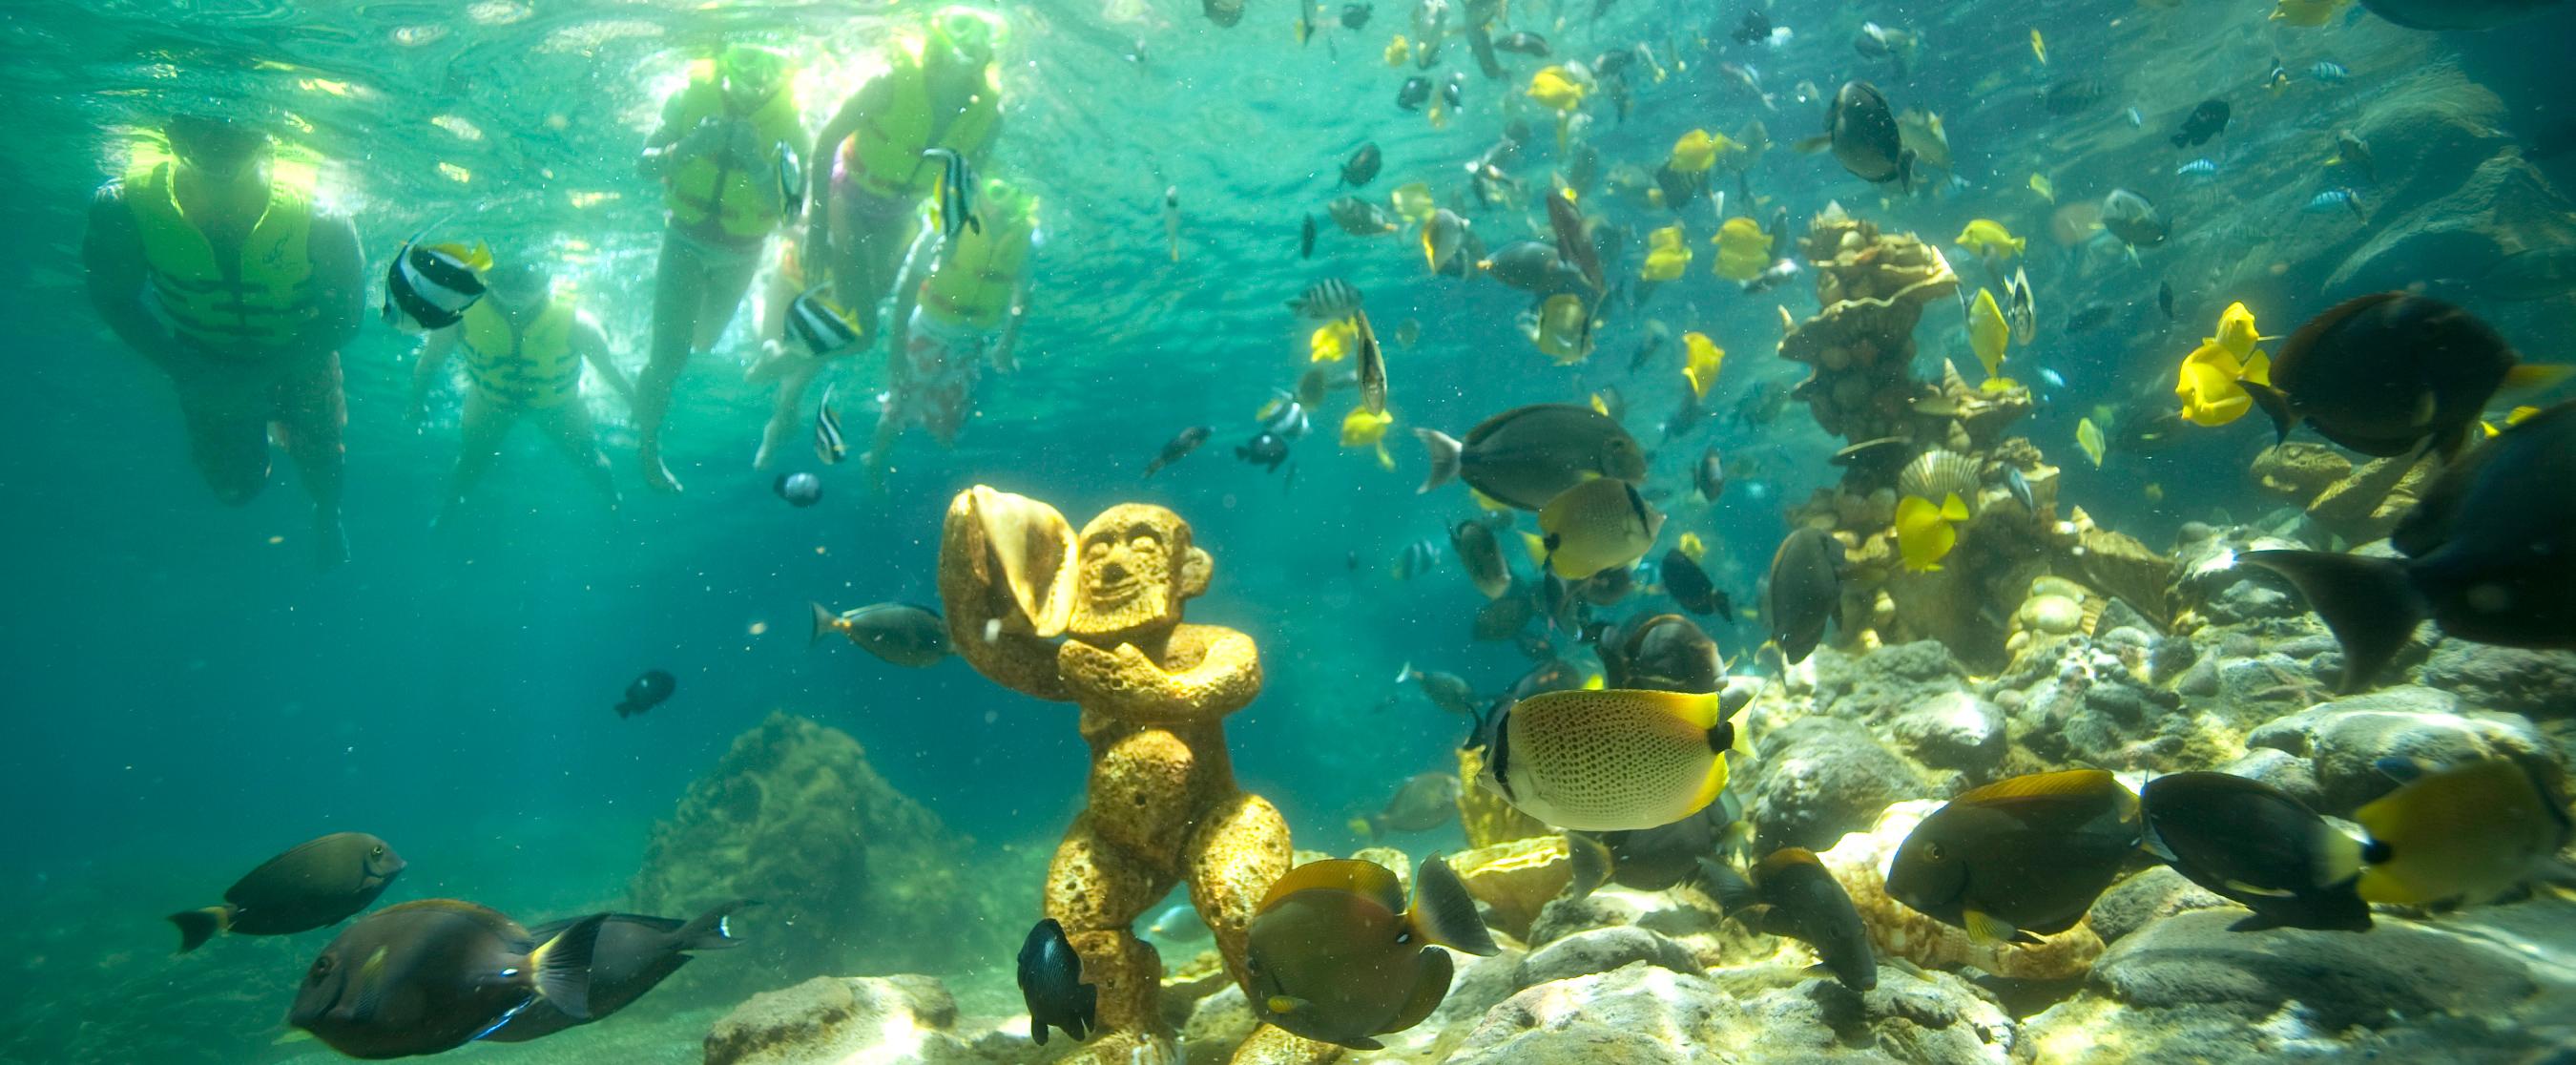 Rainbow Reef Snorkeling Aulani Hawaii Resort Amp Spa